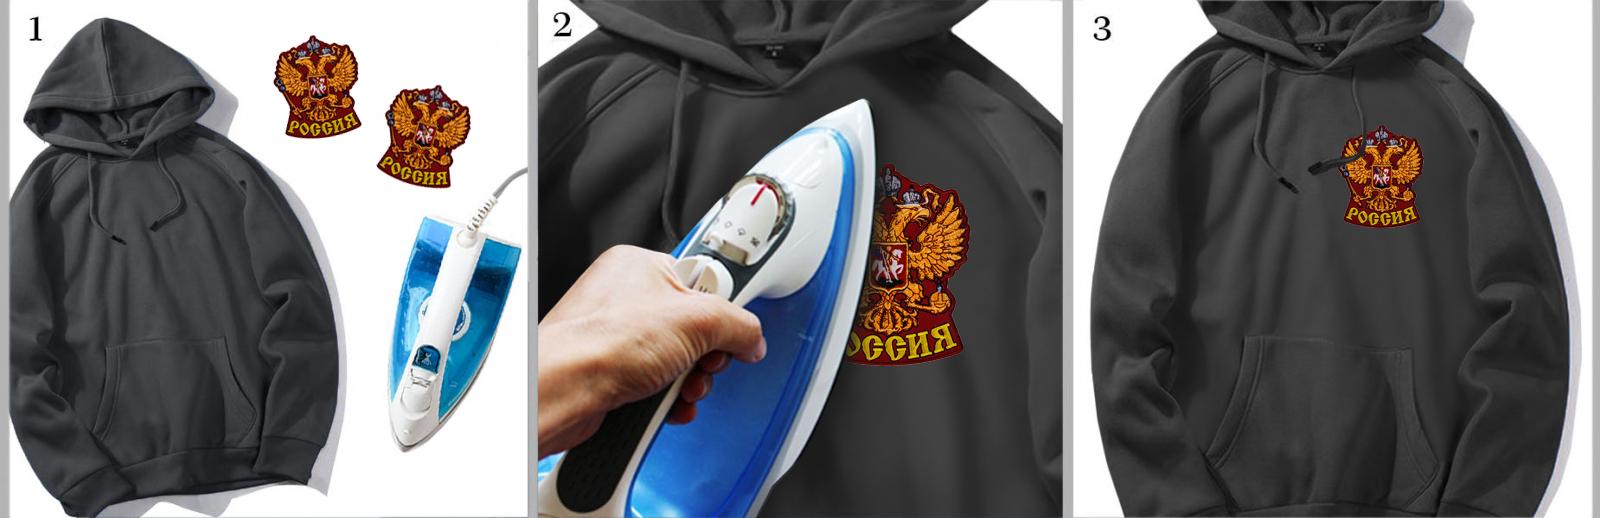 Недорогая термонашивка с гербом РФ